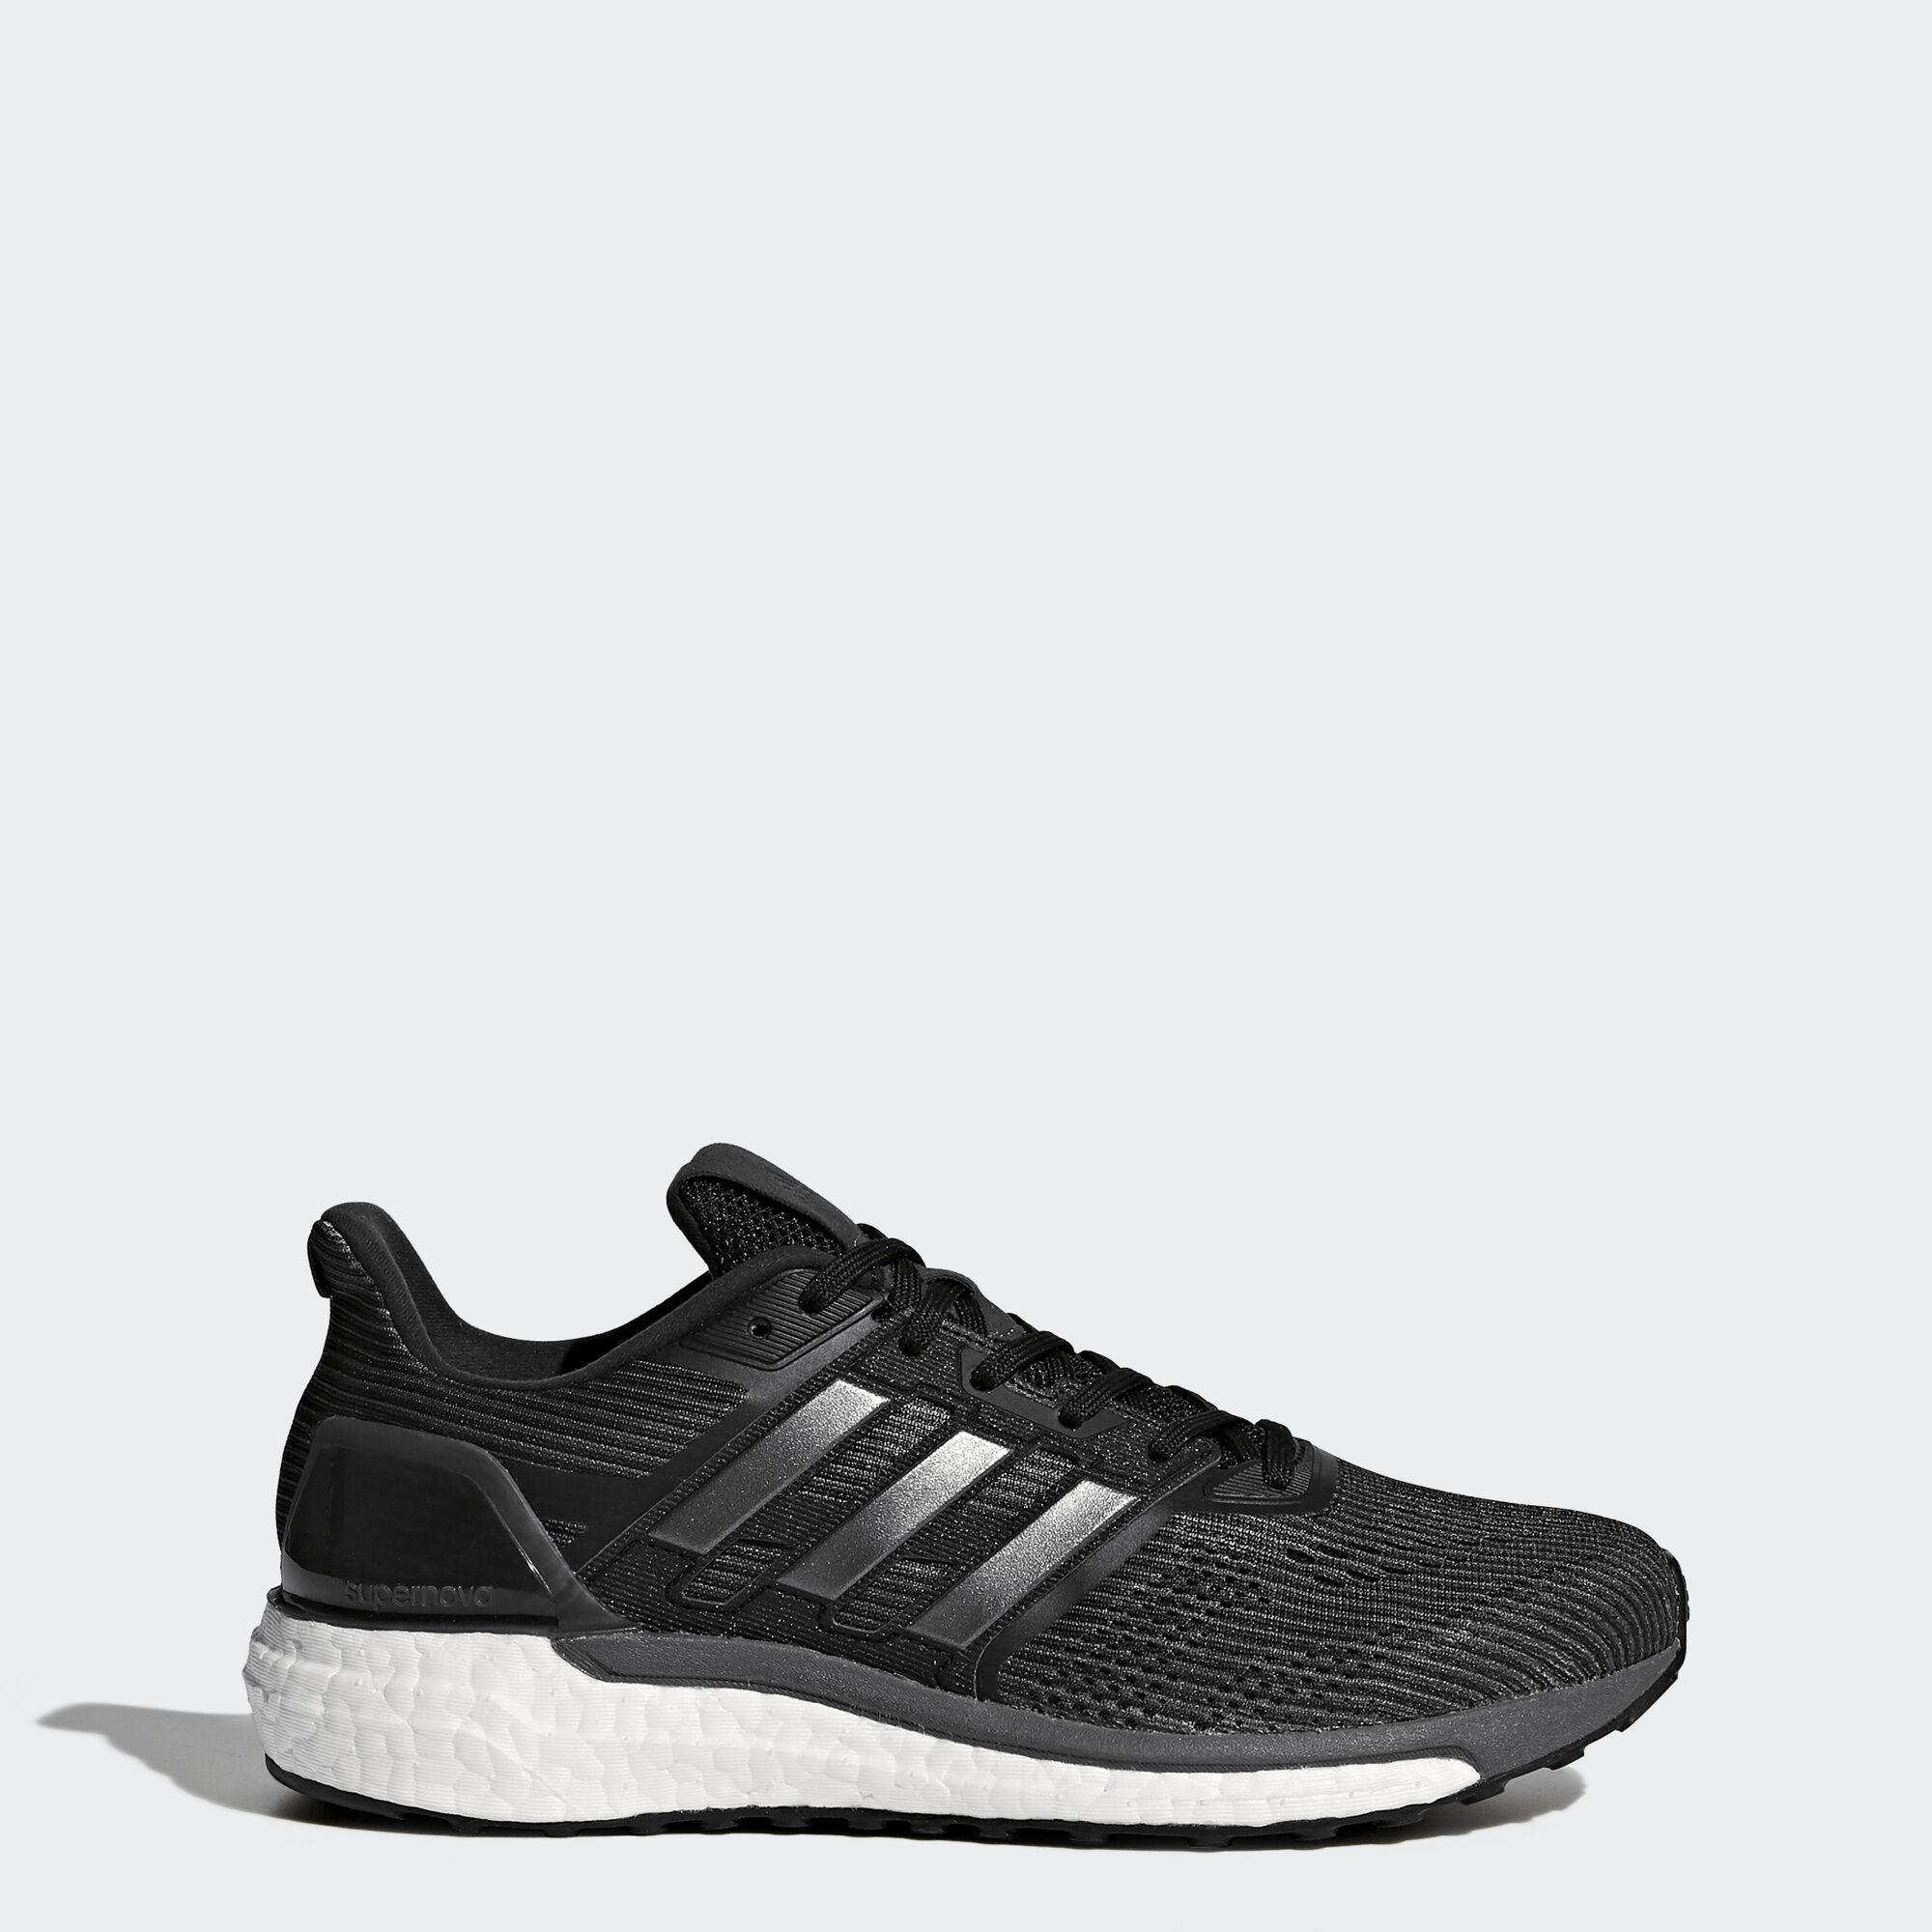 adidas Supernova Regional adidas Shoes Black gqYRBzrq